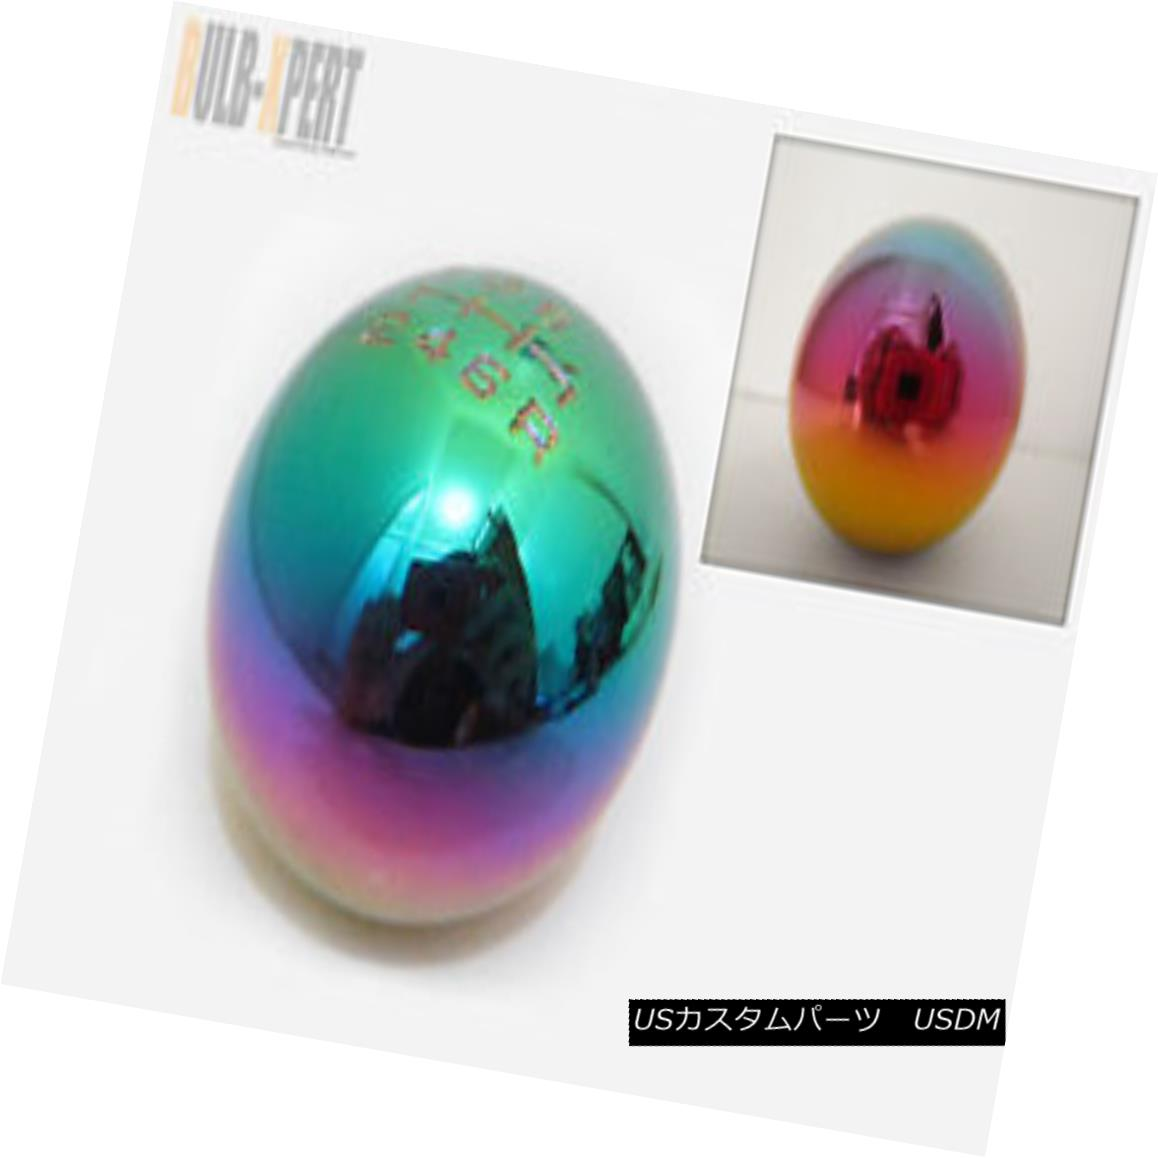 エアロパーツ FOR HONDA/ACURA 6 SPEED HEAVY NEO CHROME TRANSMISSION ROUND BALL SHIFT GEAR KNOB ホンダ/アキュラ6スピードヘビーネオクロームトランスミッションROUNDボールシフトギアノブ